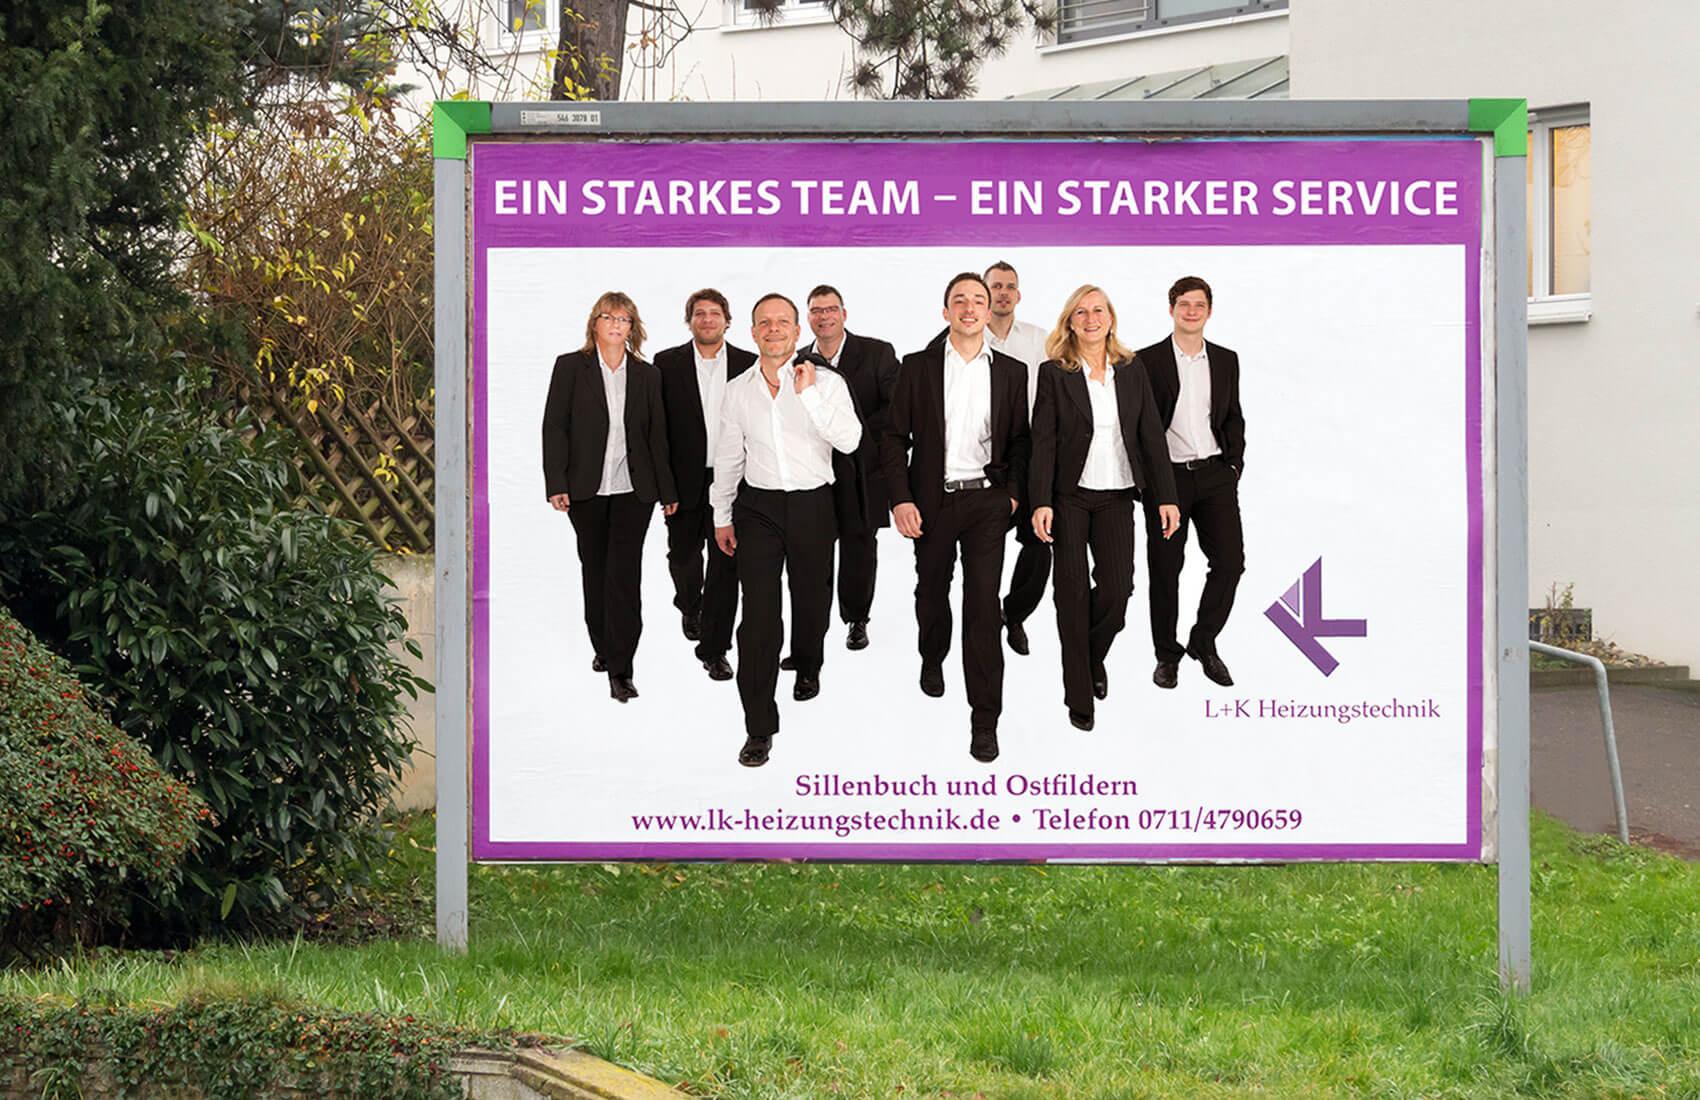 Das Teamfoto wird zu Werbezwecken auf einem Großflächenplakat verwendet